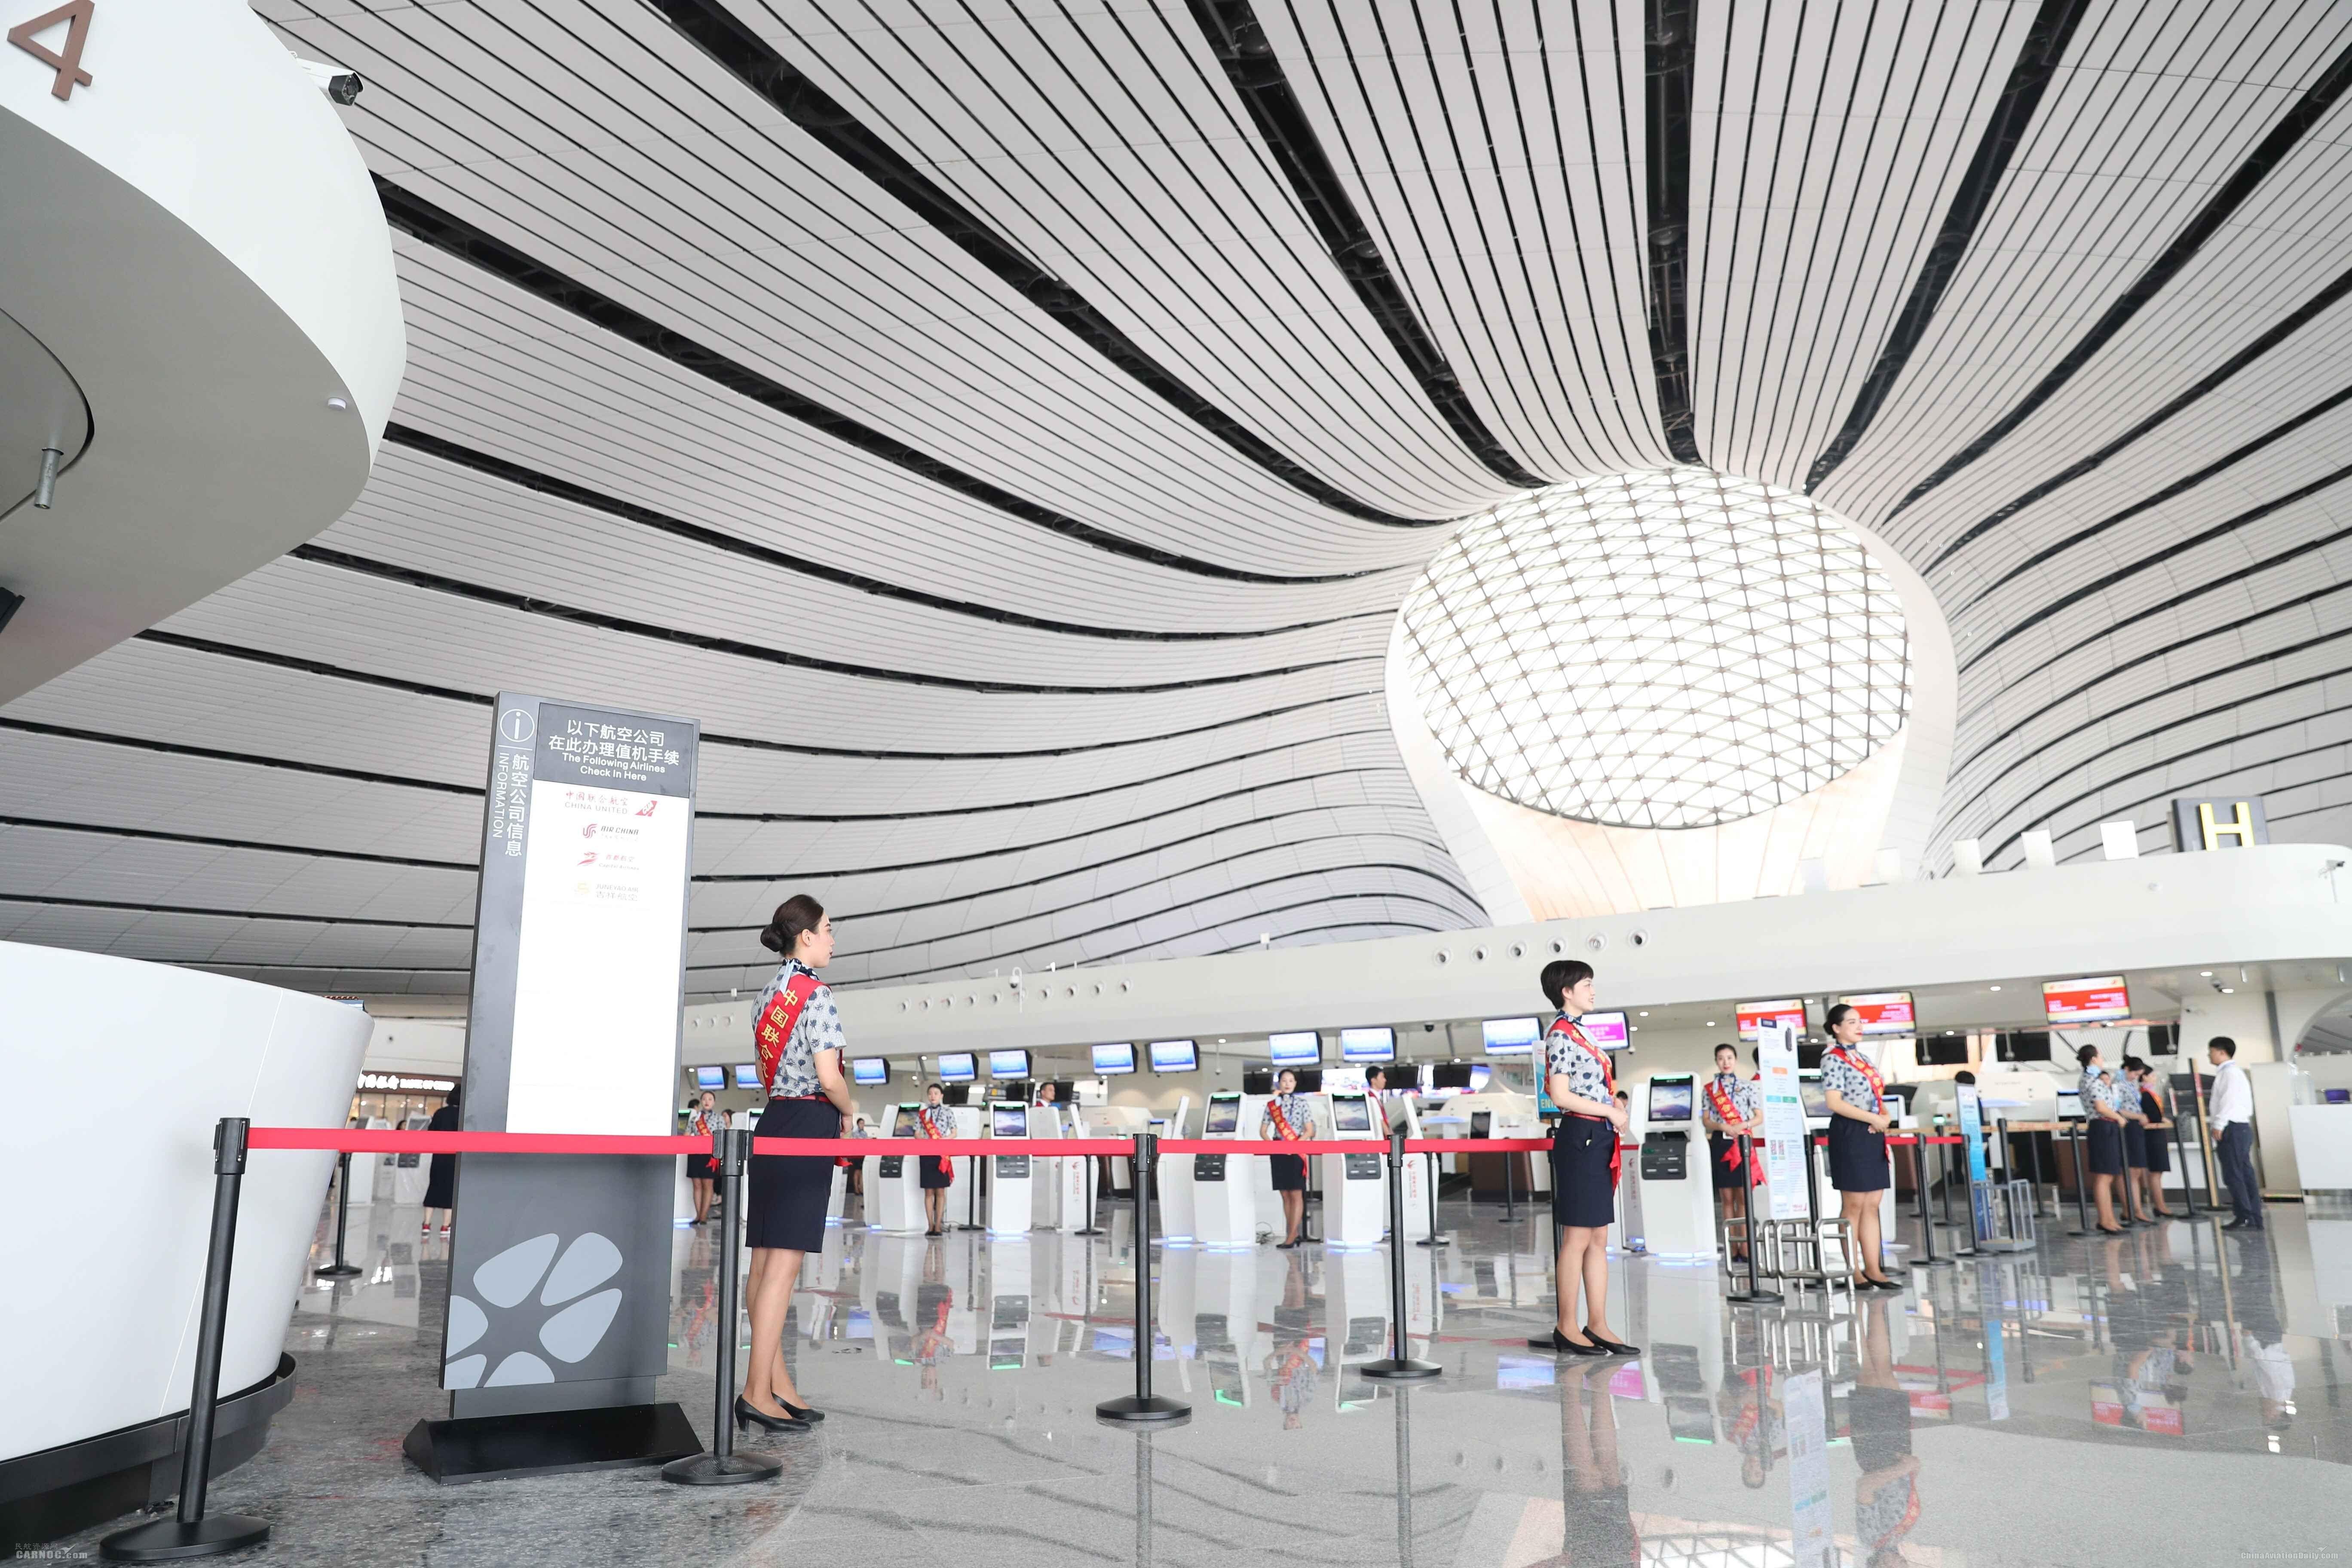 中联航圆满完成7月19日大兴机场综合演练